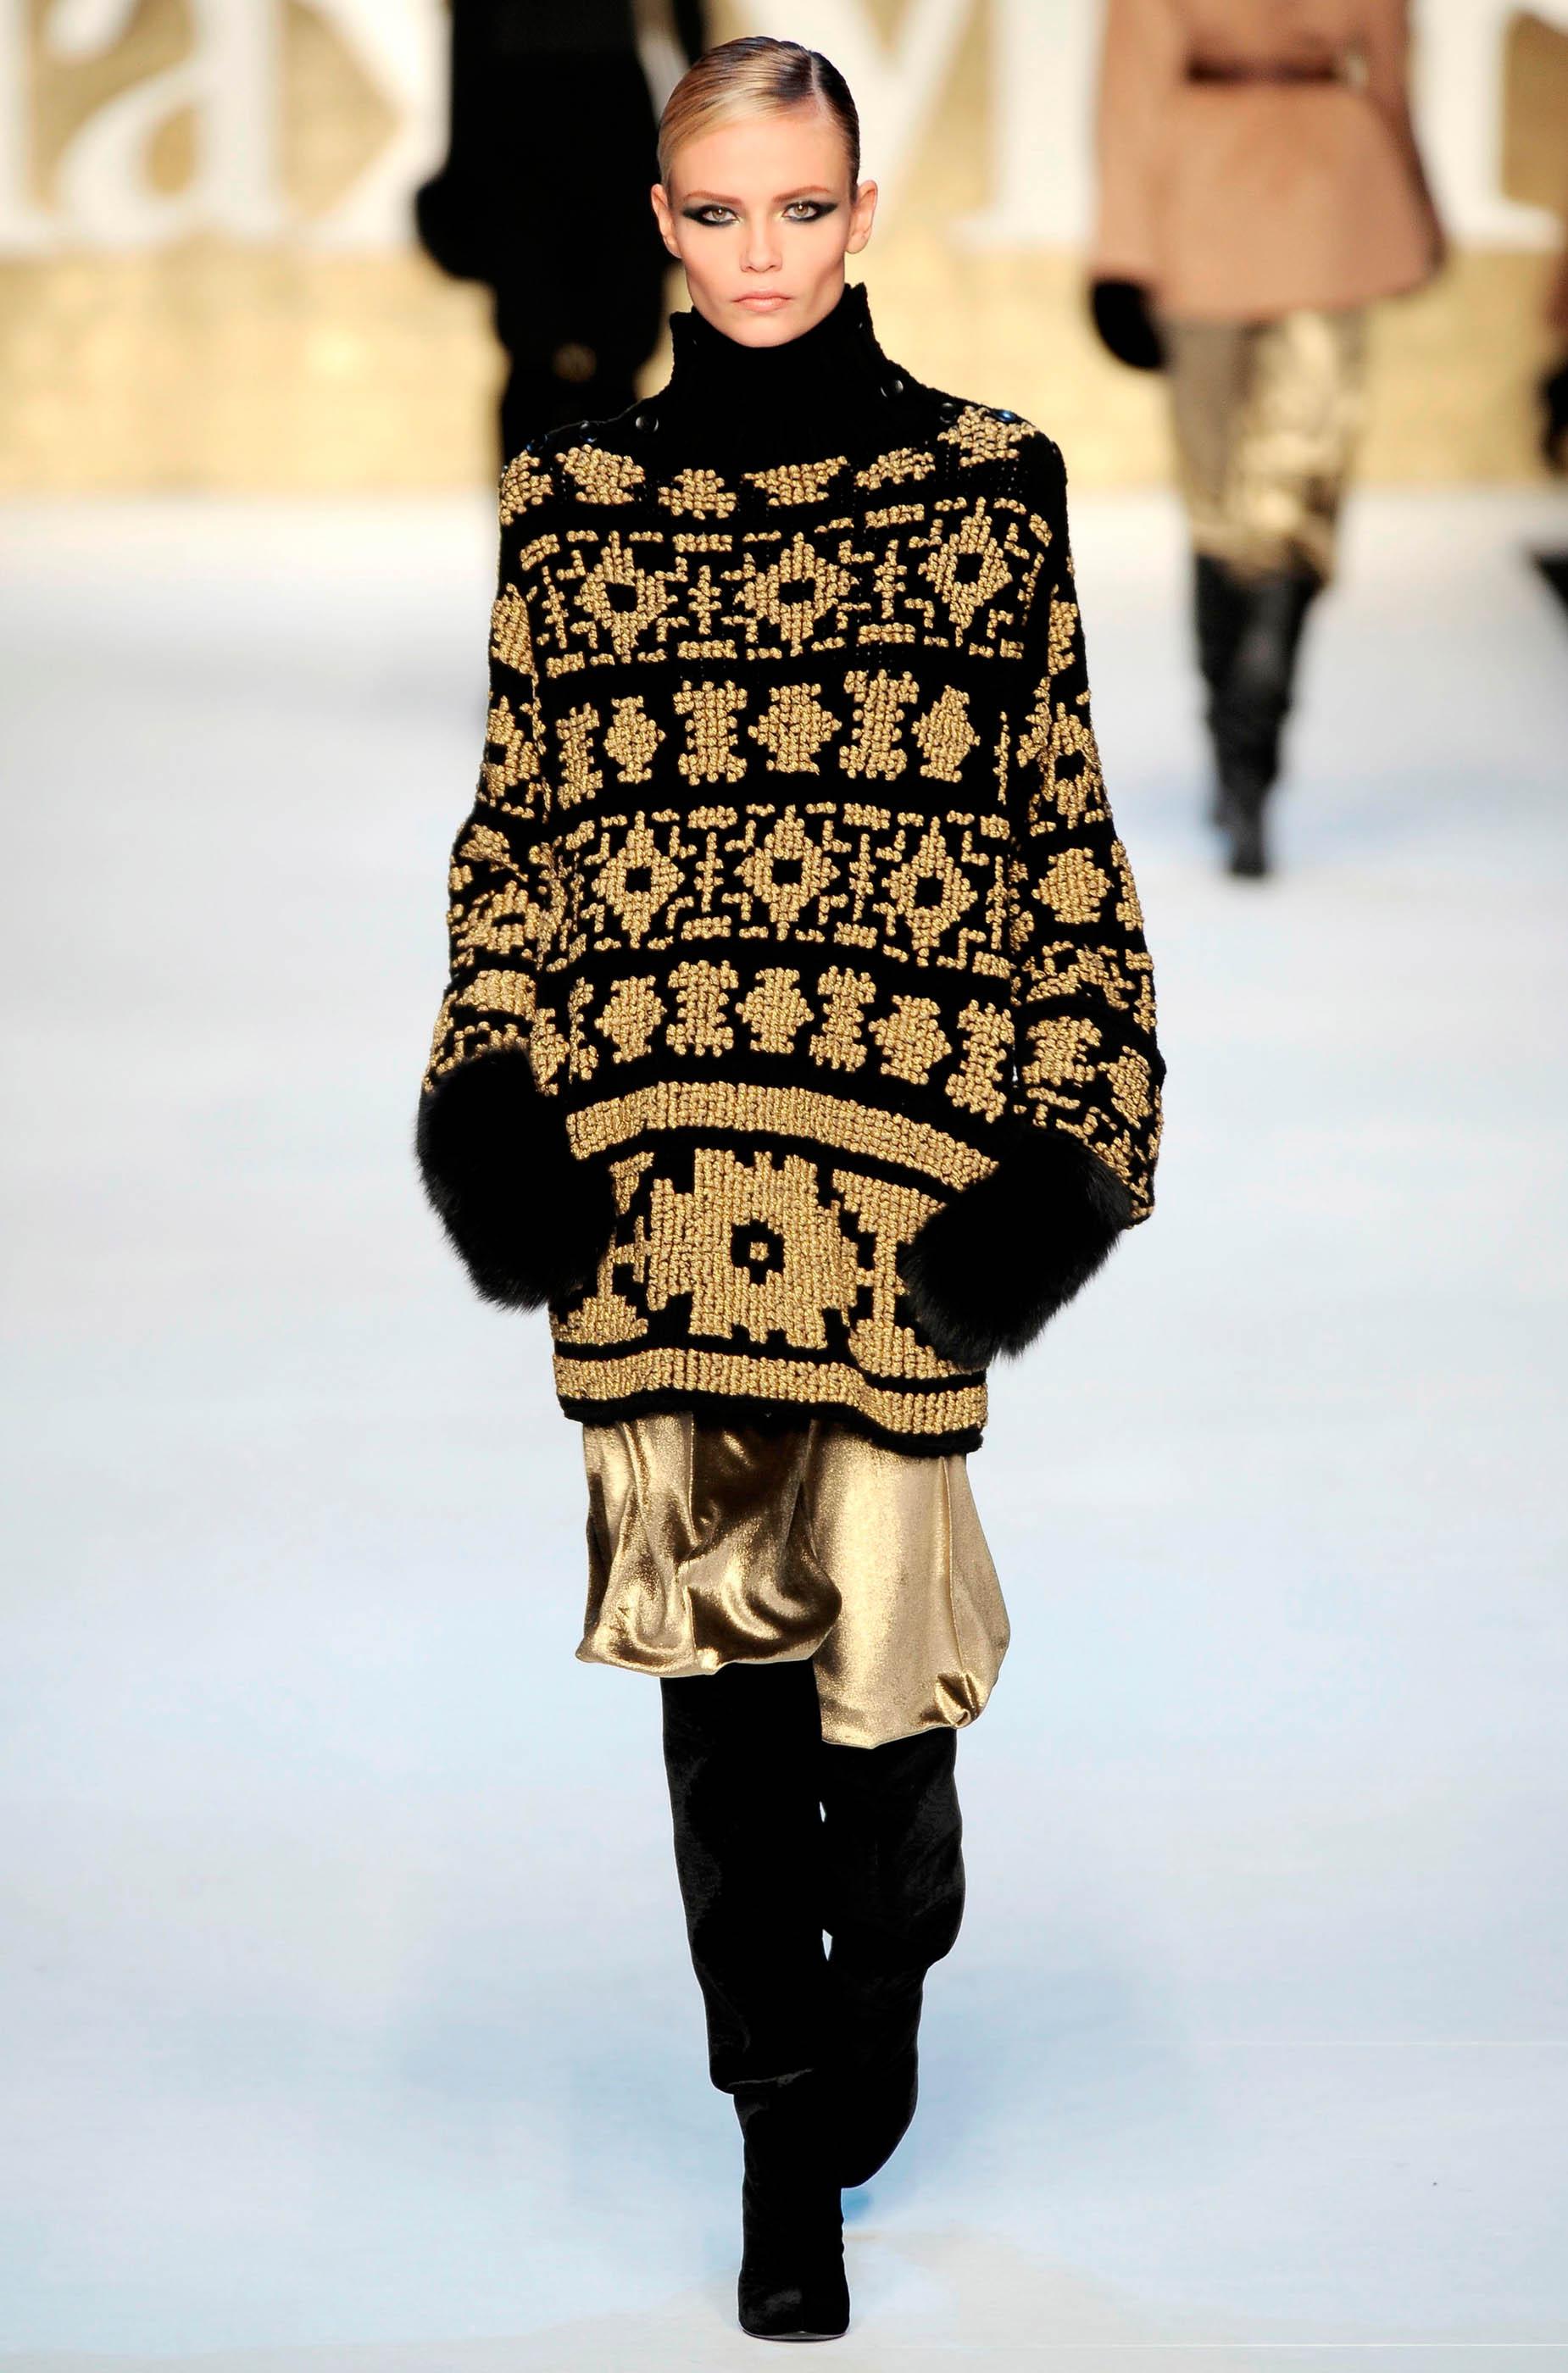 Что модно осенью 2010 года? ТОП-20 модных вещей на фото - Брюки